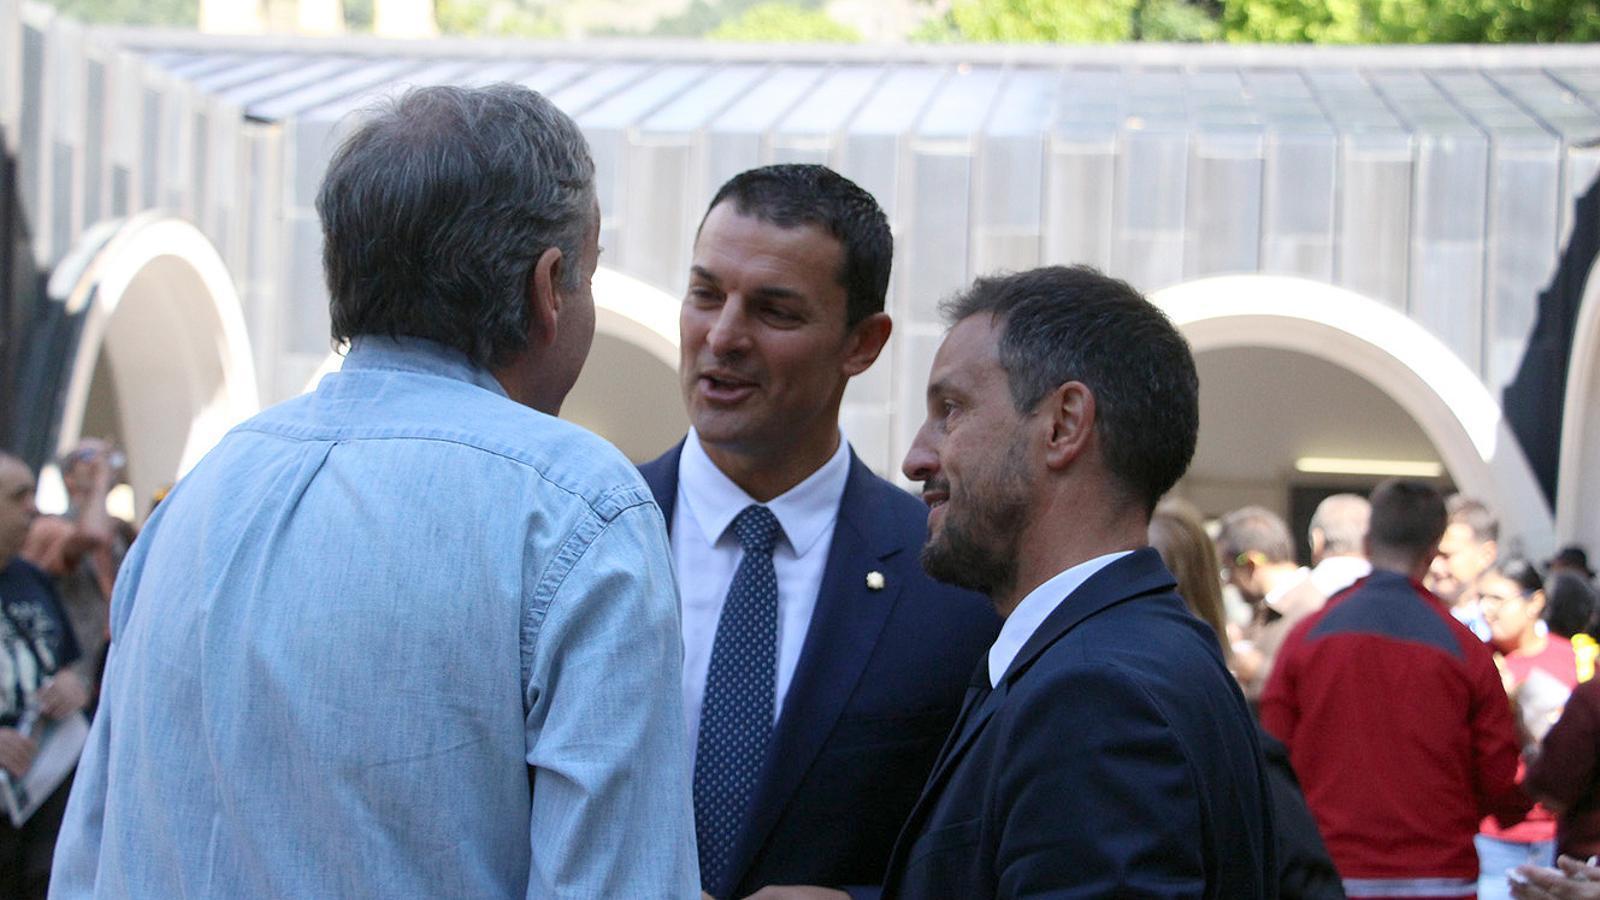 Els consellers liberals i socialdemòcrates respectivament, Jordi Gallardo i Pere López, conversen amb Eusebi Nomen. / C.G. (ANA)